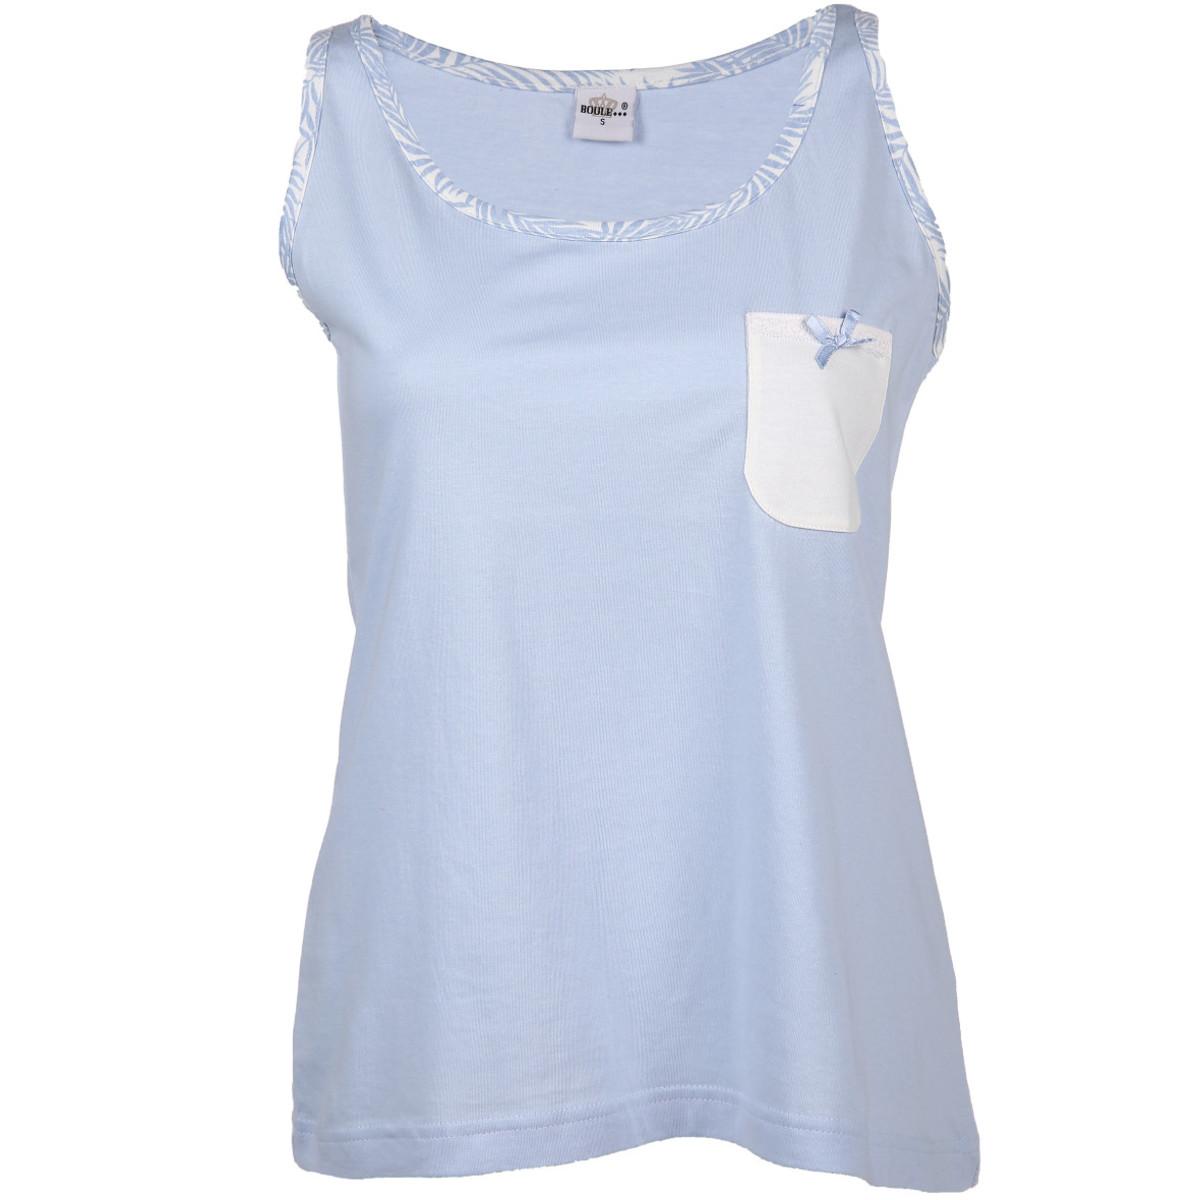 Bild 1 von Damen Schlaftop mit Brusttasche